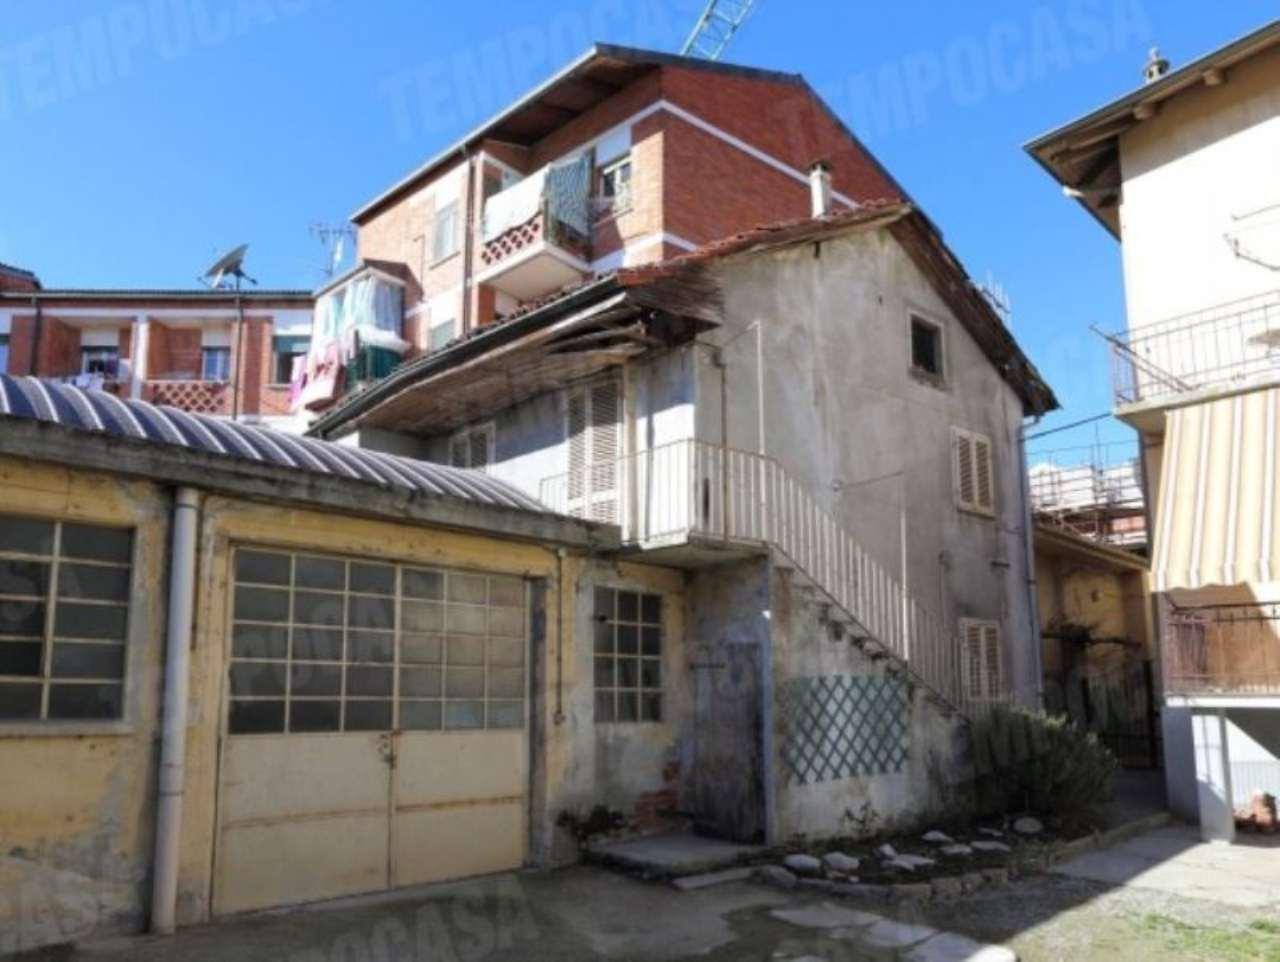 Rustico / Casale in vendita a Chivasso, 3 locali, prezzo € 50.000 | Cambio Casa.it